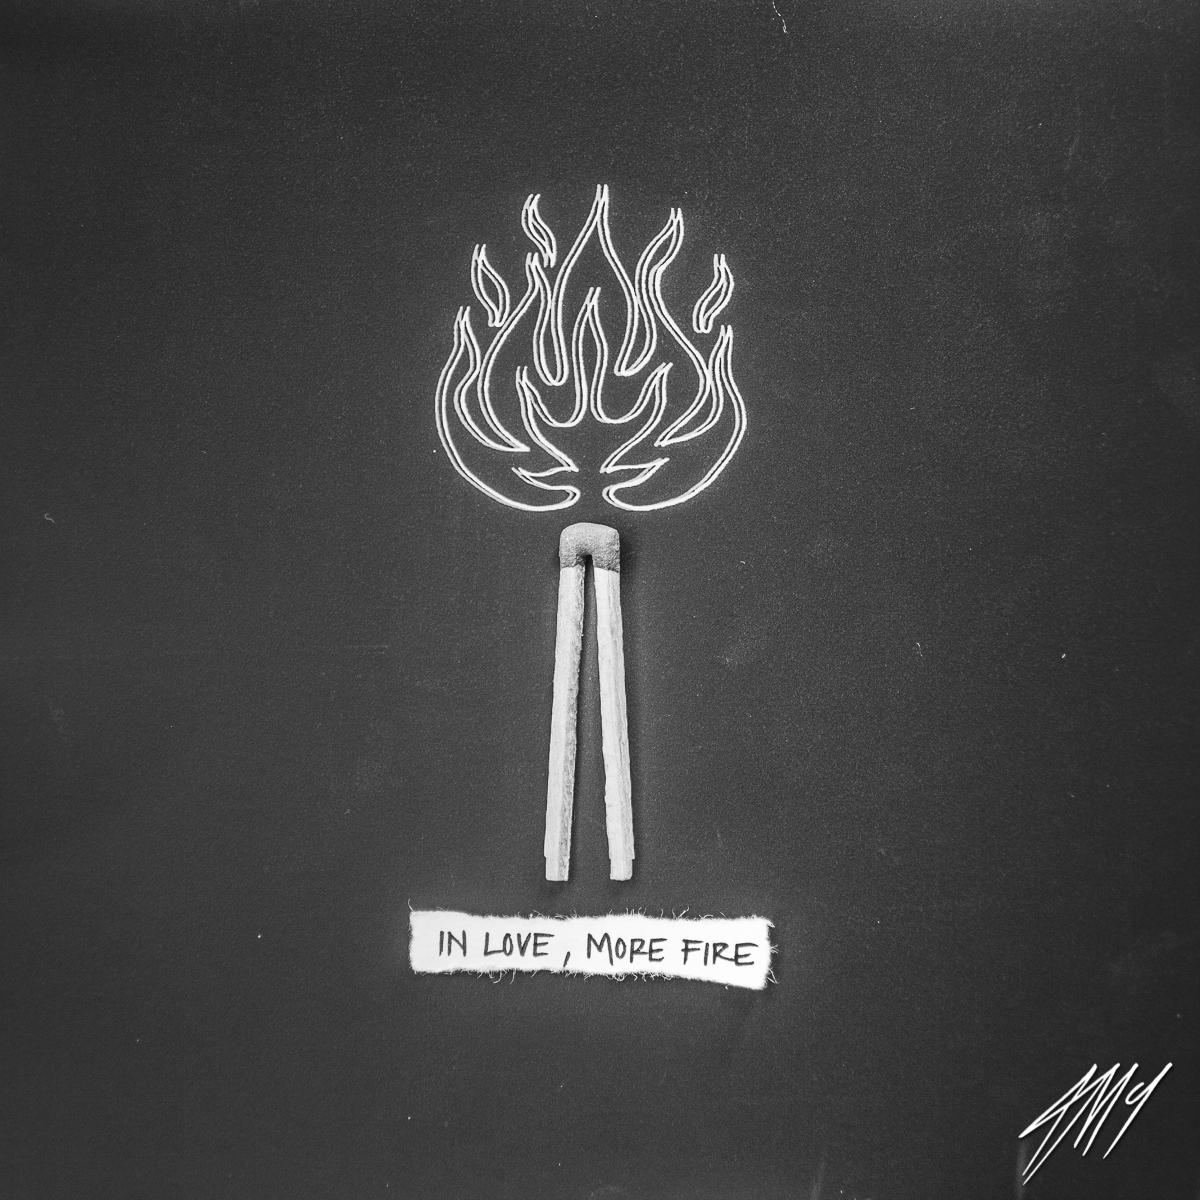 More-Fire-in-Love-(1)_.jpg